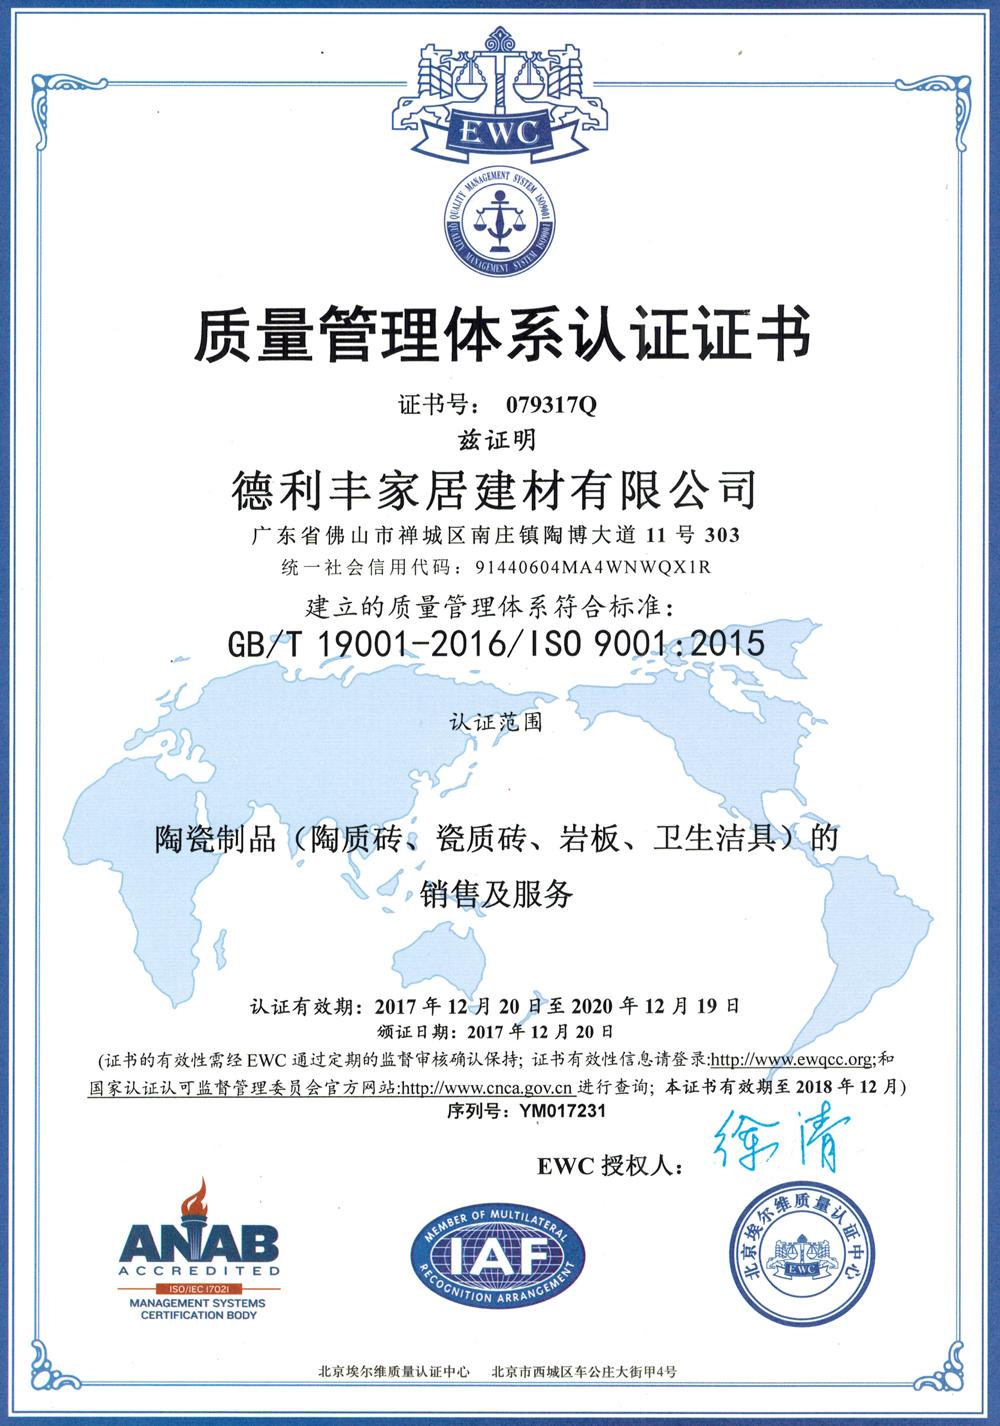 质量体系认证证书证书-中文版